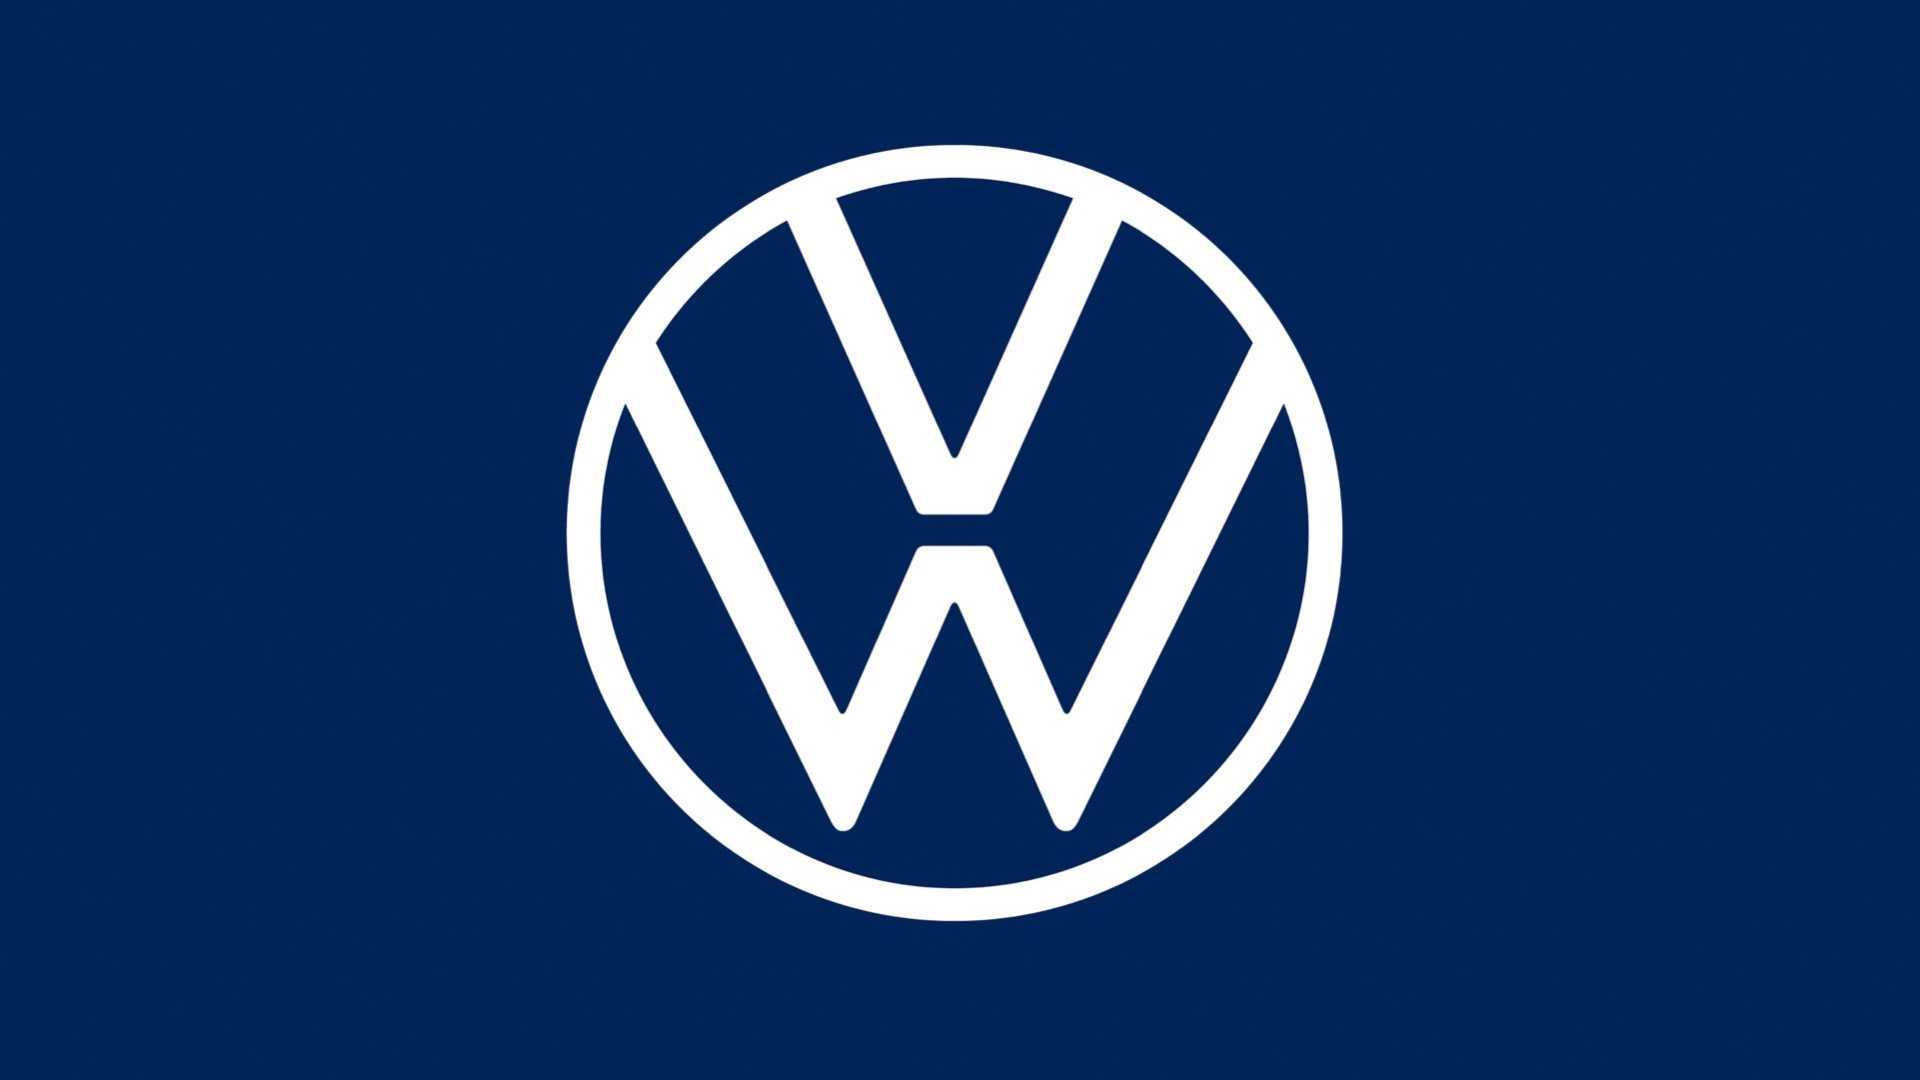 Le nouveau logo Volkswagen en 2020